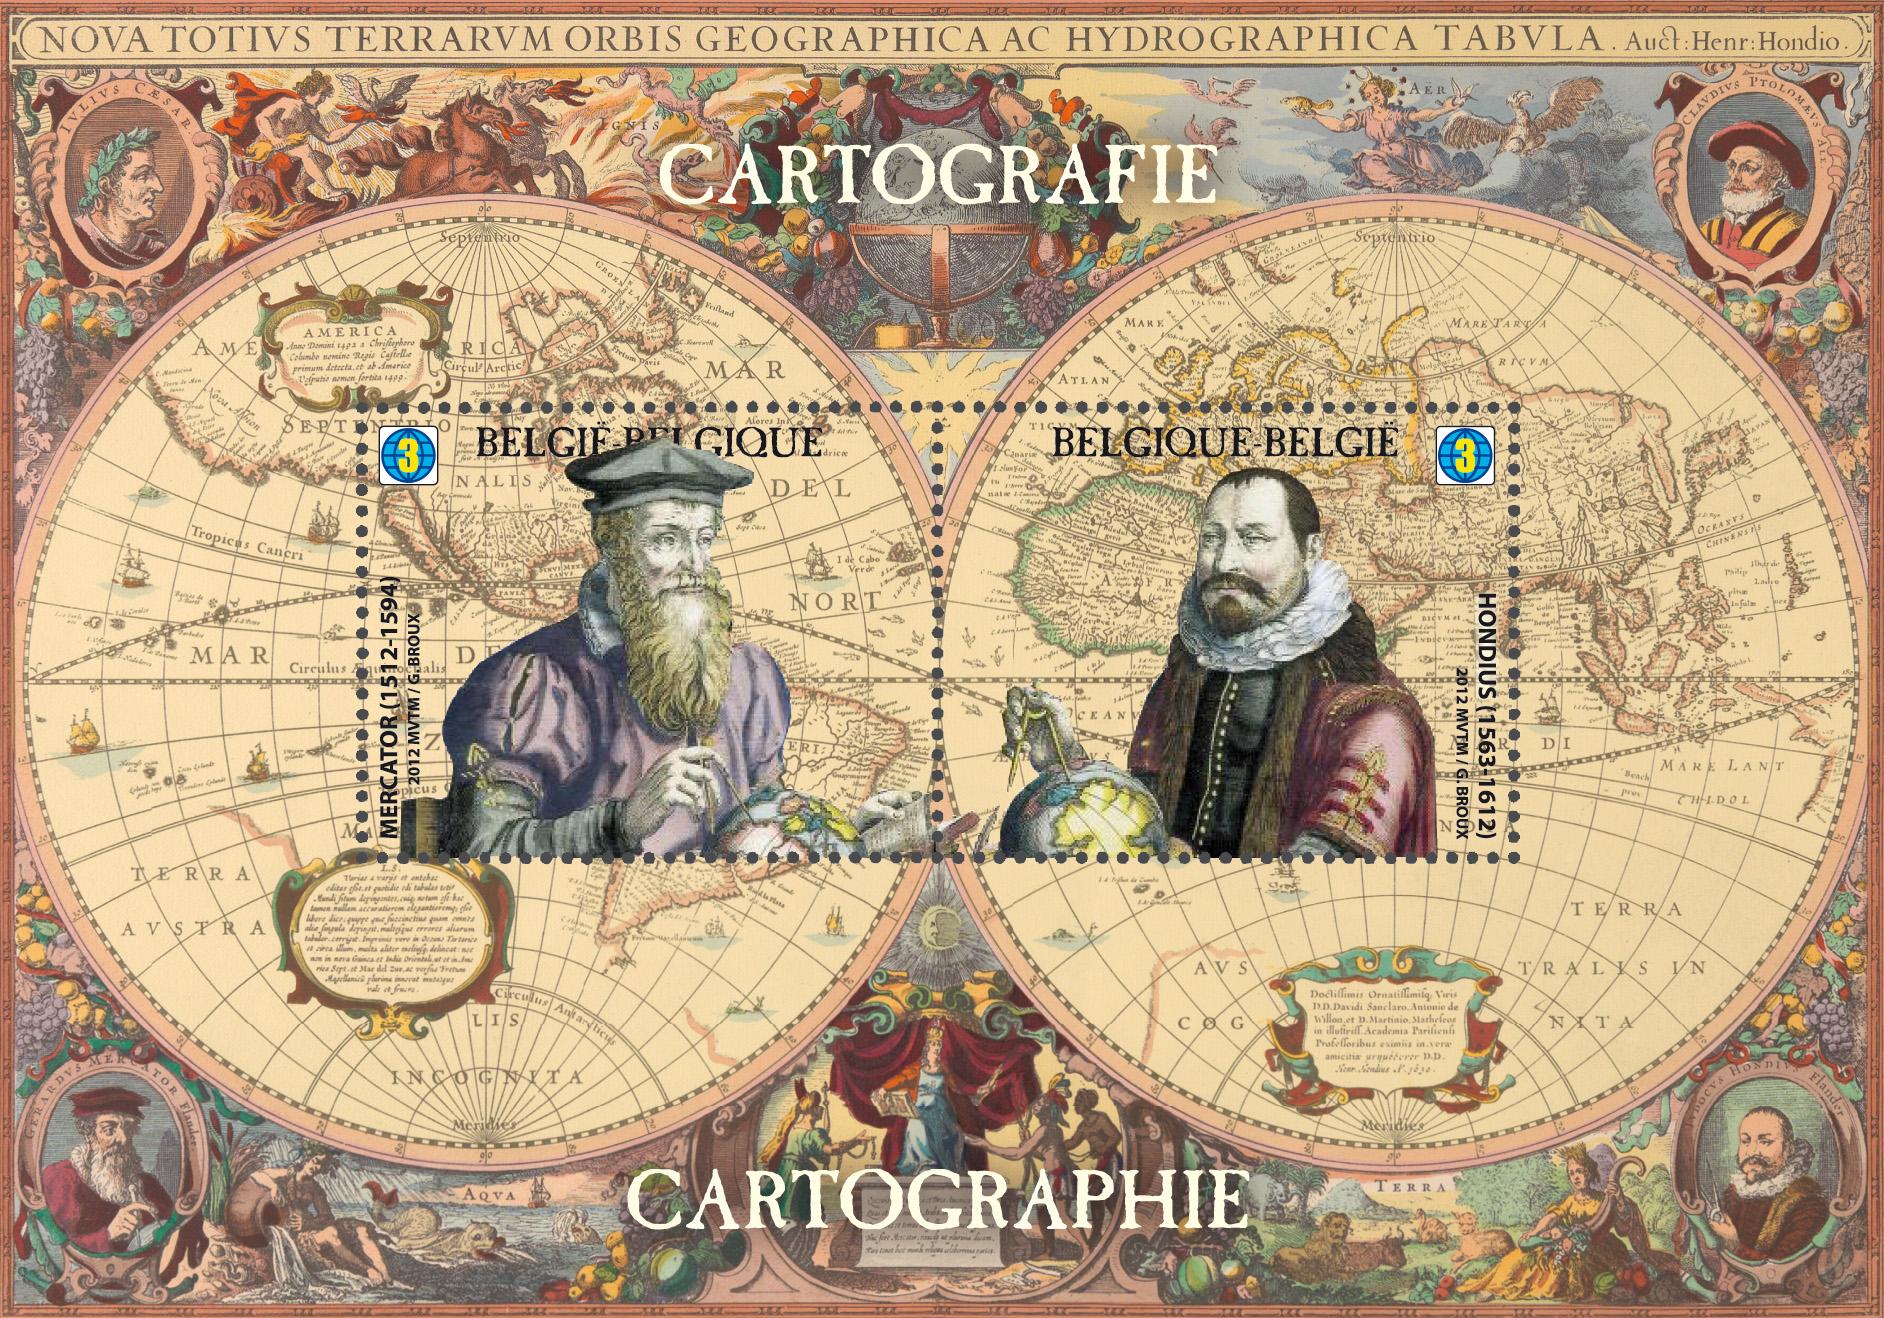 Mercator's 1569 world map